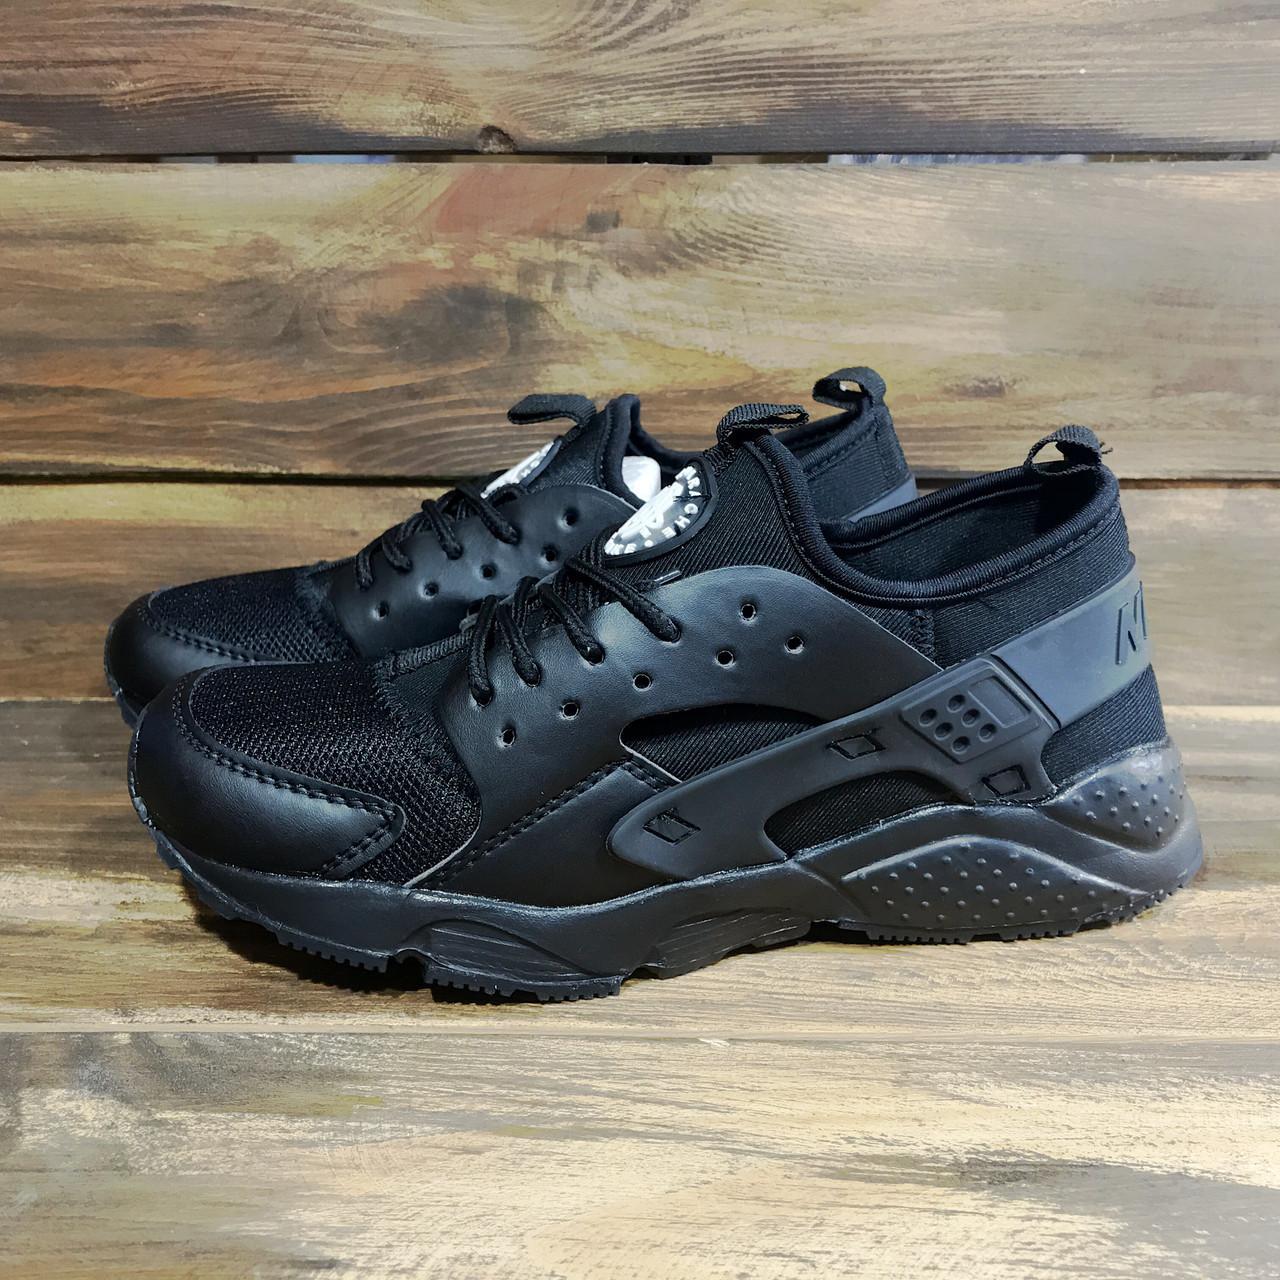 Кроссовки найк Хуараче женские черные демисезонные (реплика) Nike Huarache